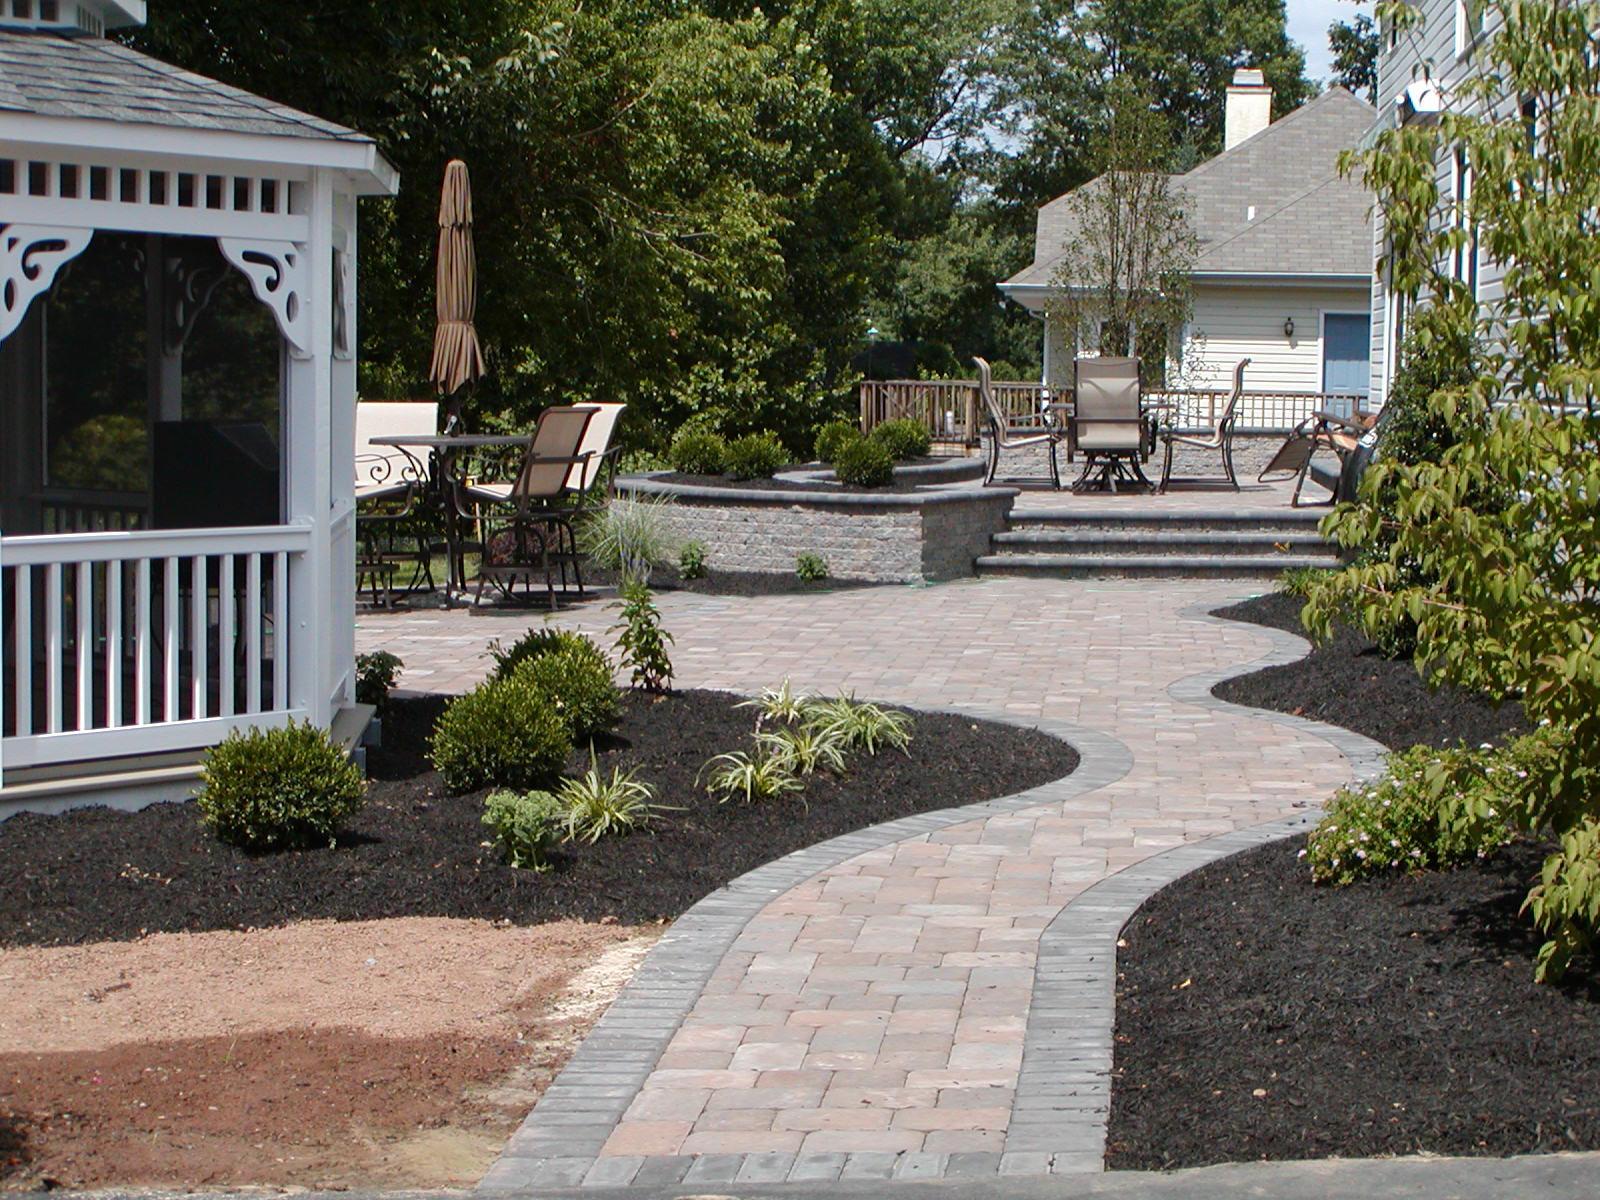 paver-walk-rr-caddick-landscape-design